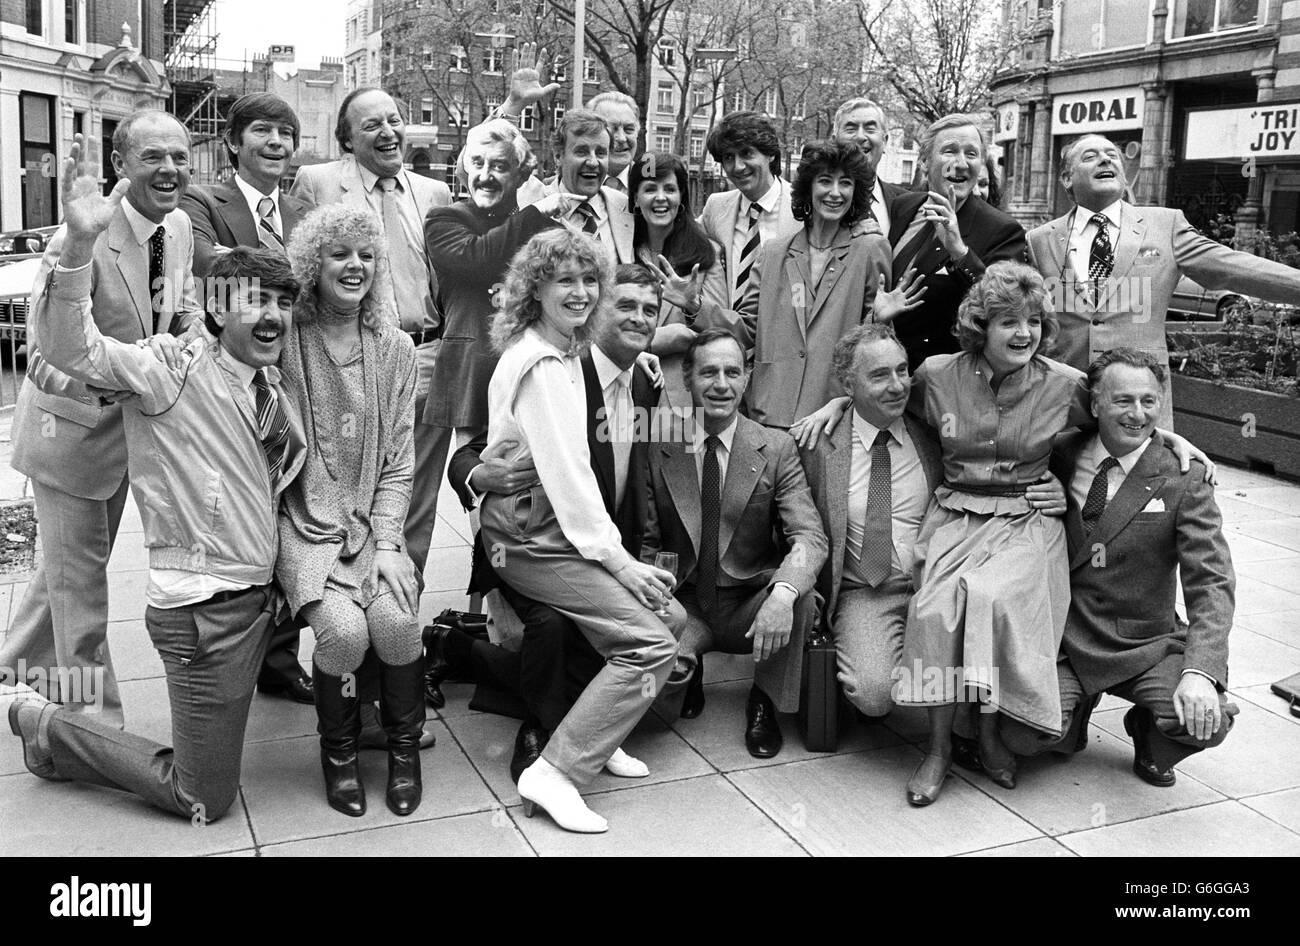 Theatre - Theatre of Comedy Company - London - Stock Image